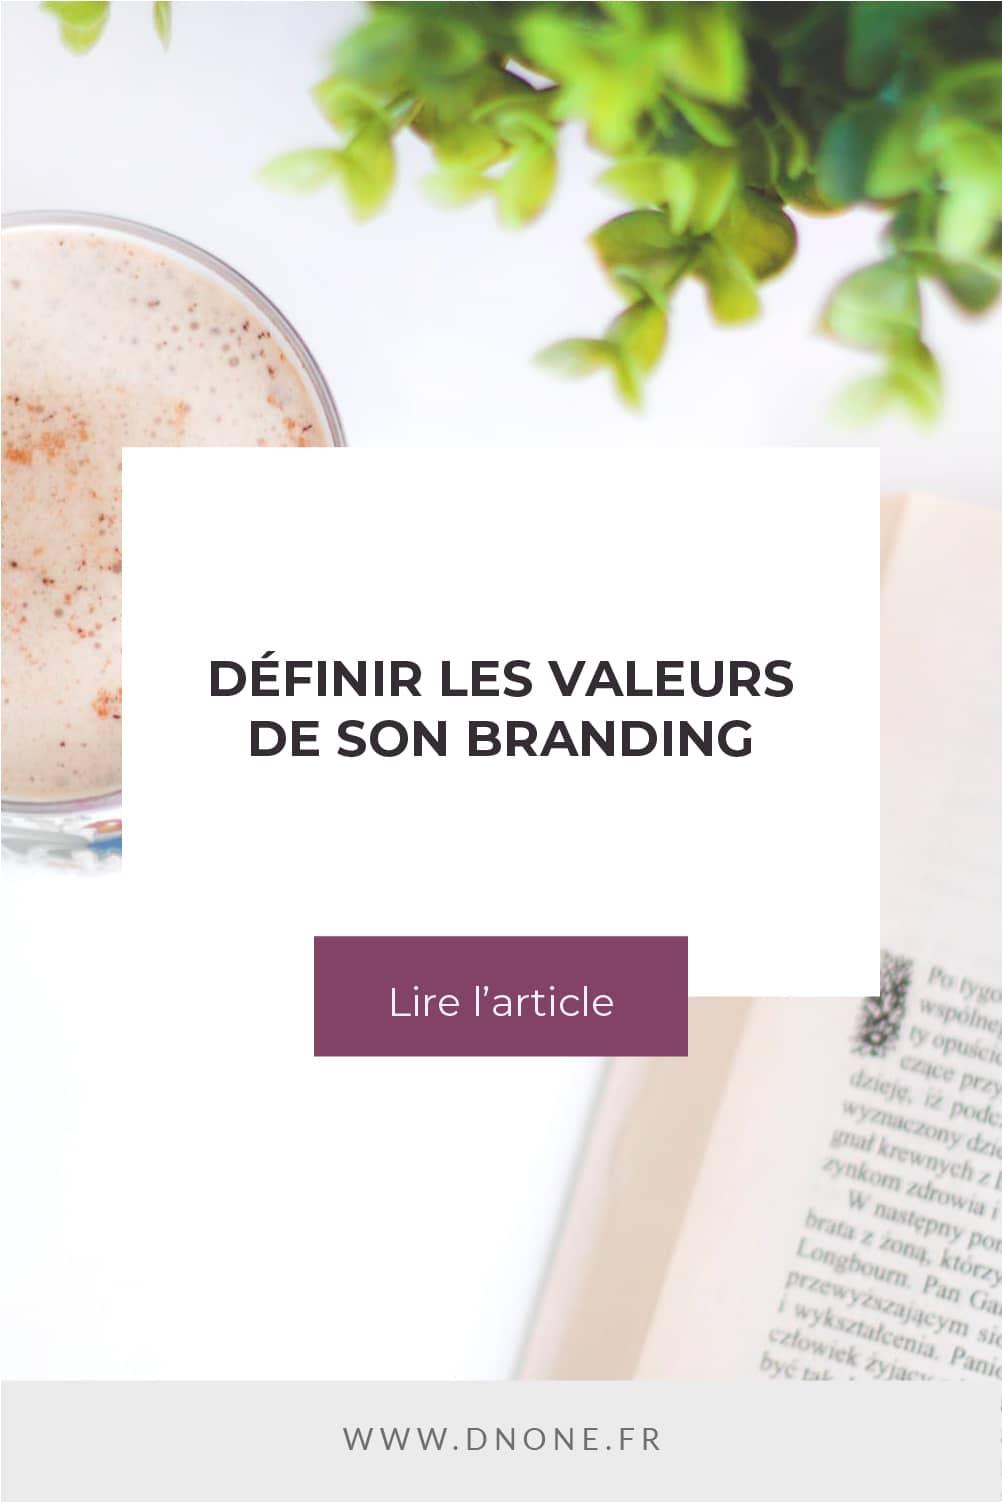 Épingle Pinterest Définir les valeurs de son branding